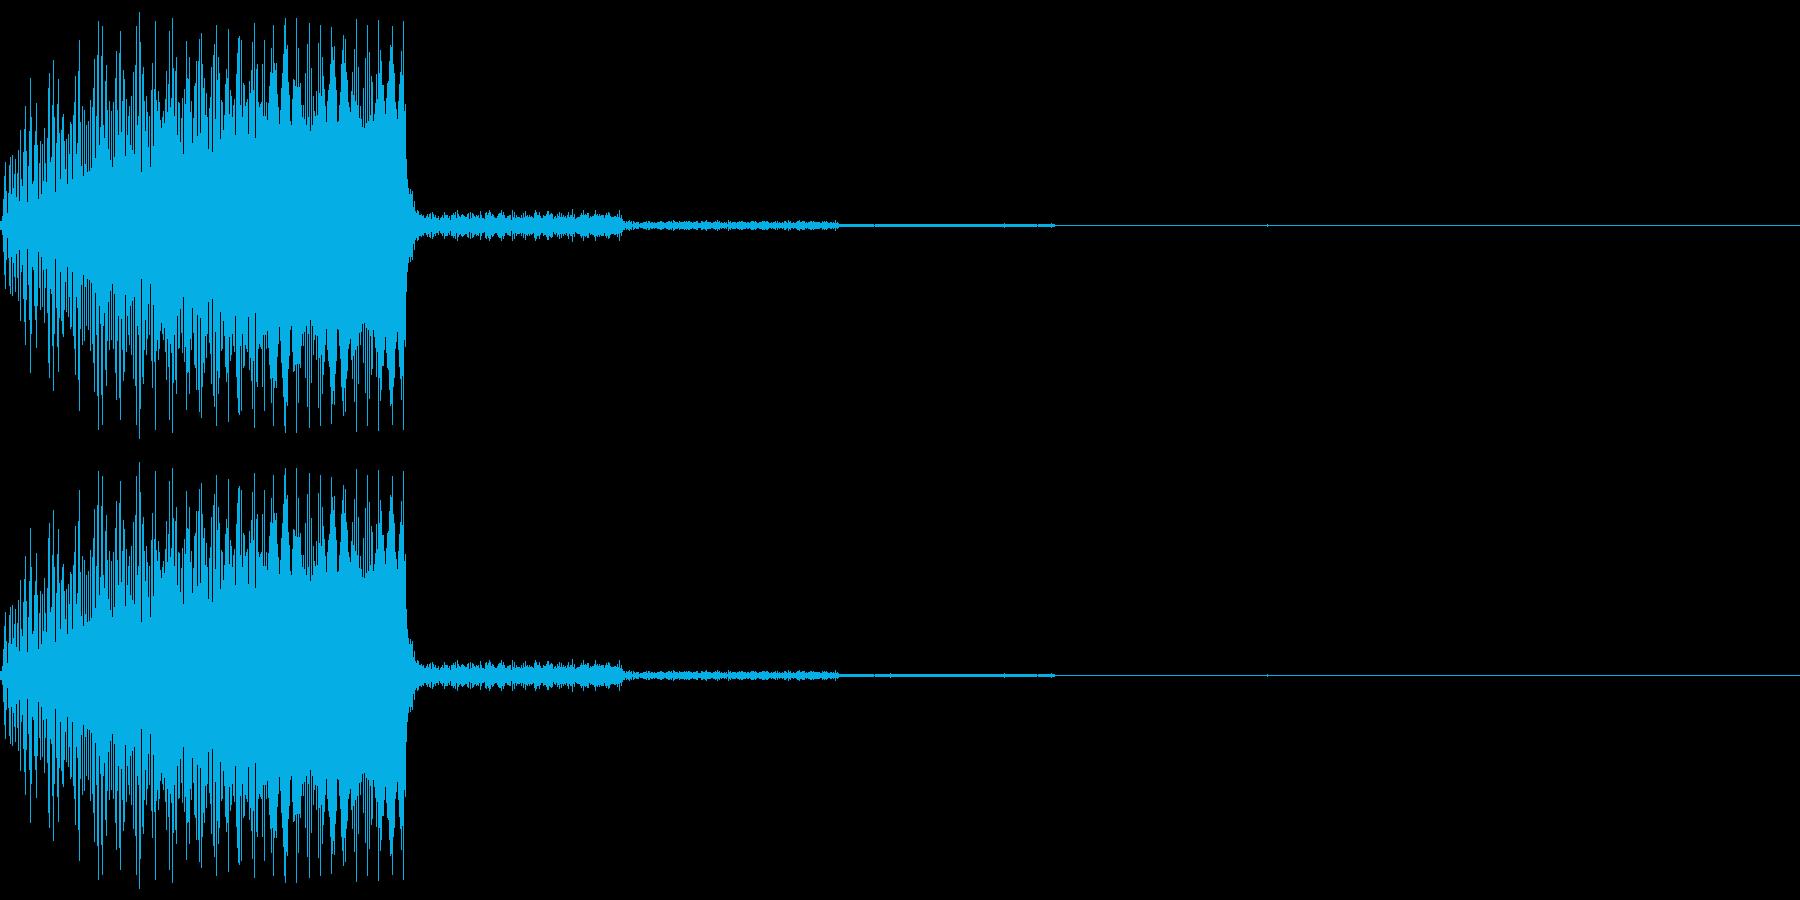 「決定」「選択」なのイメージのシステム…の再生済みの波形